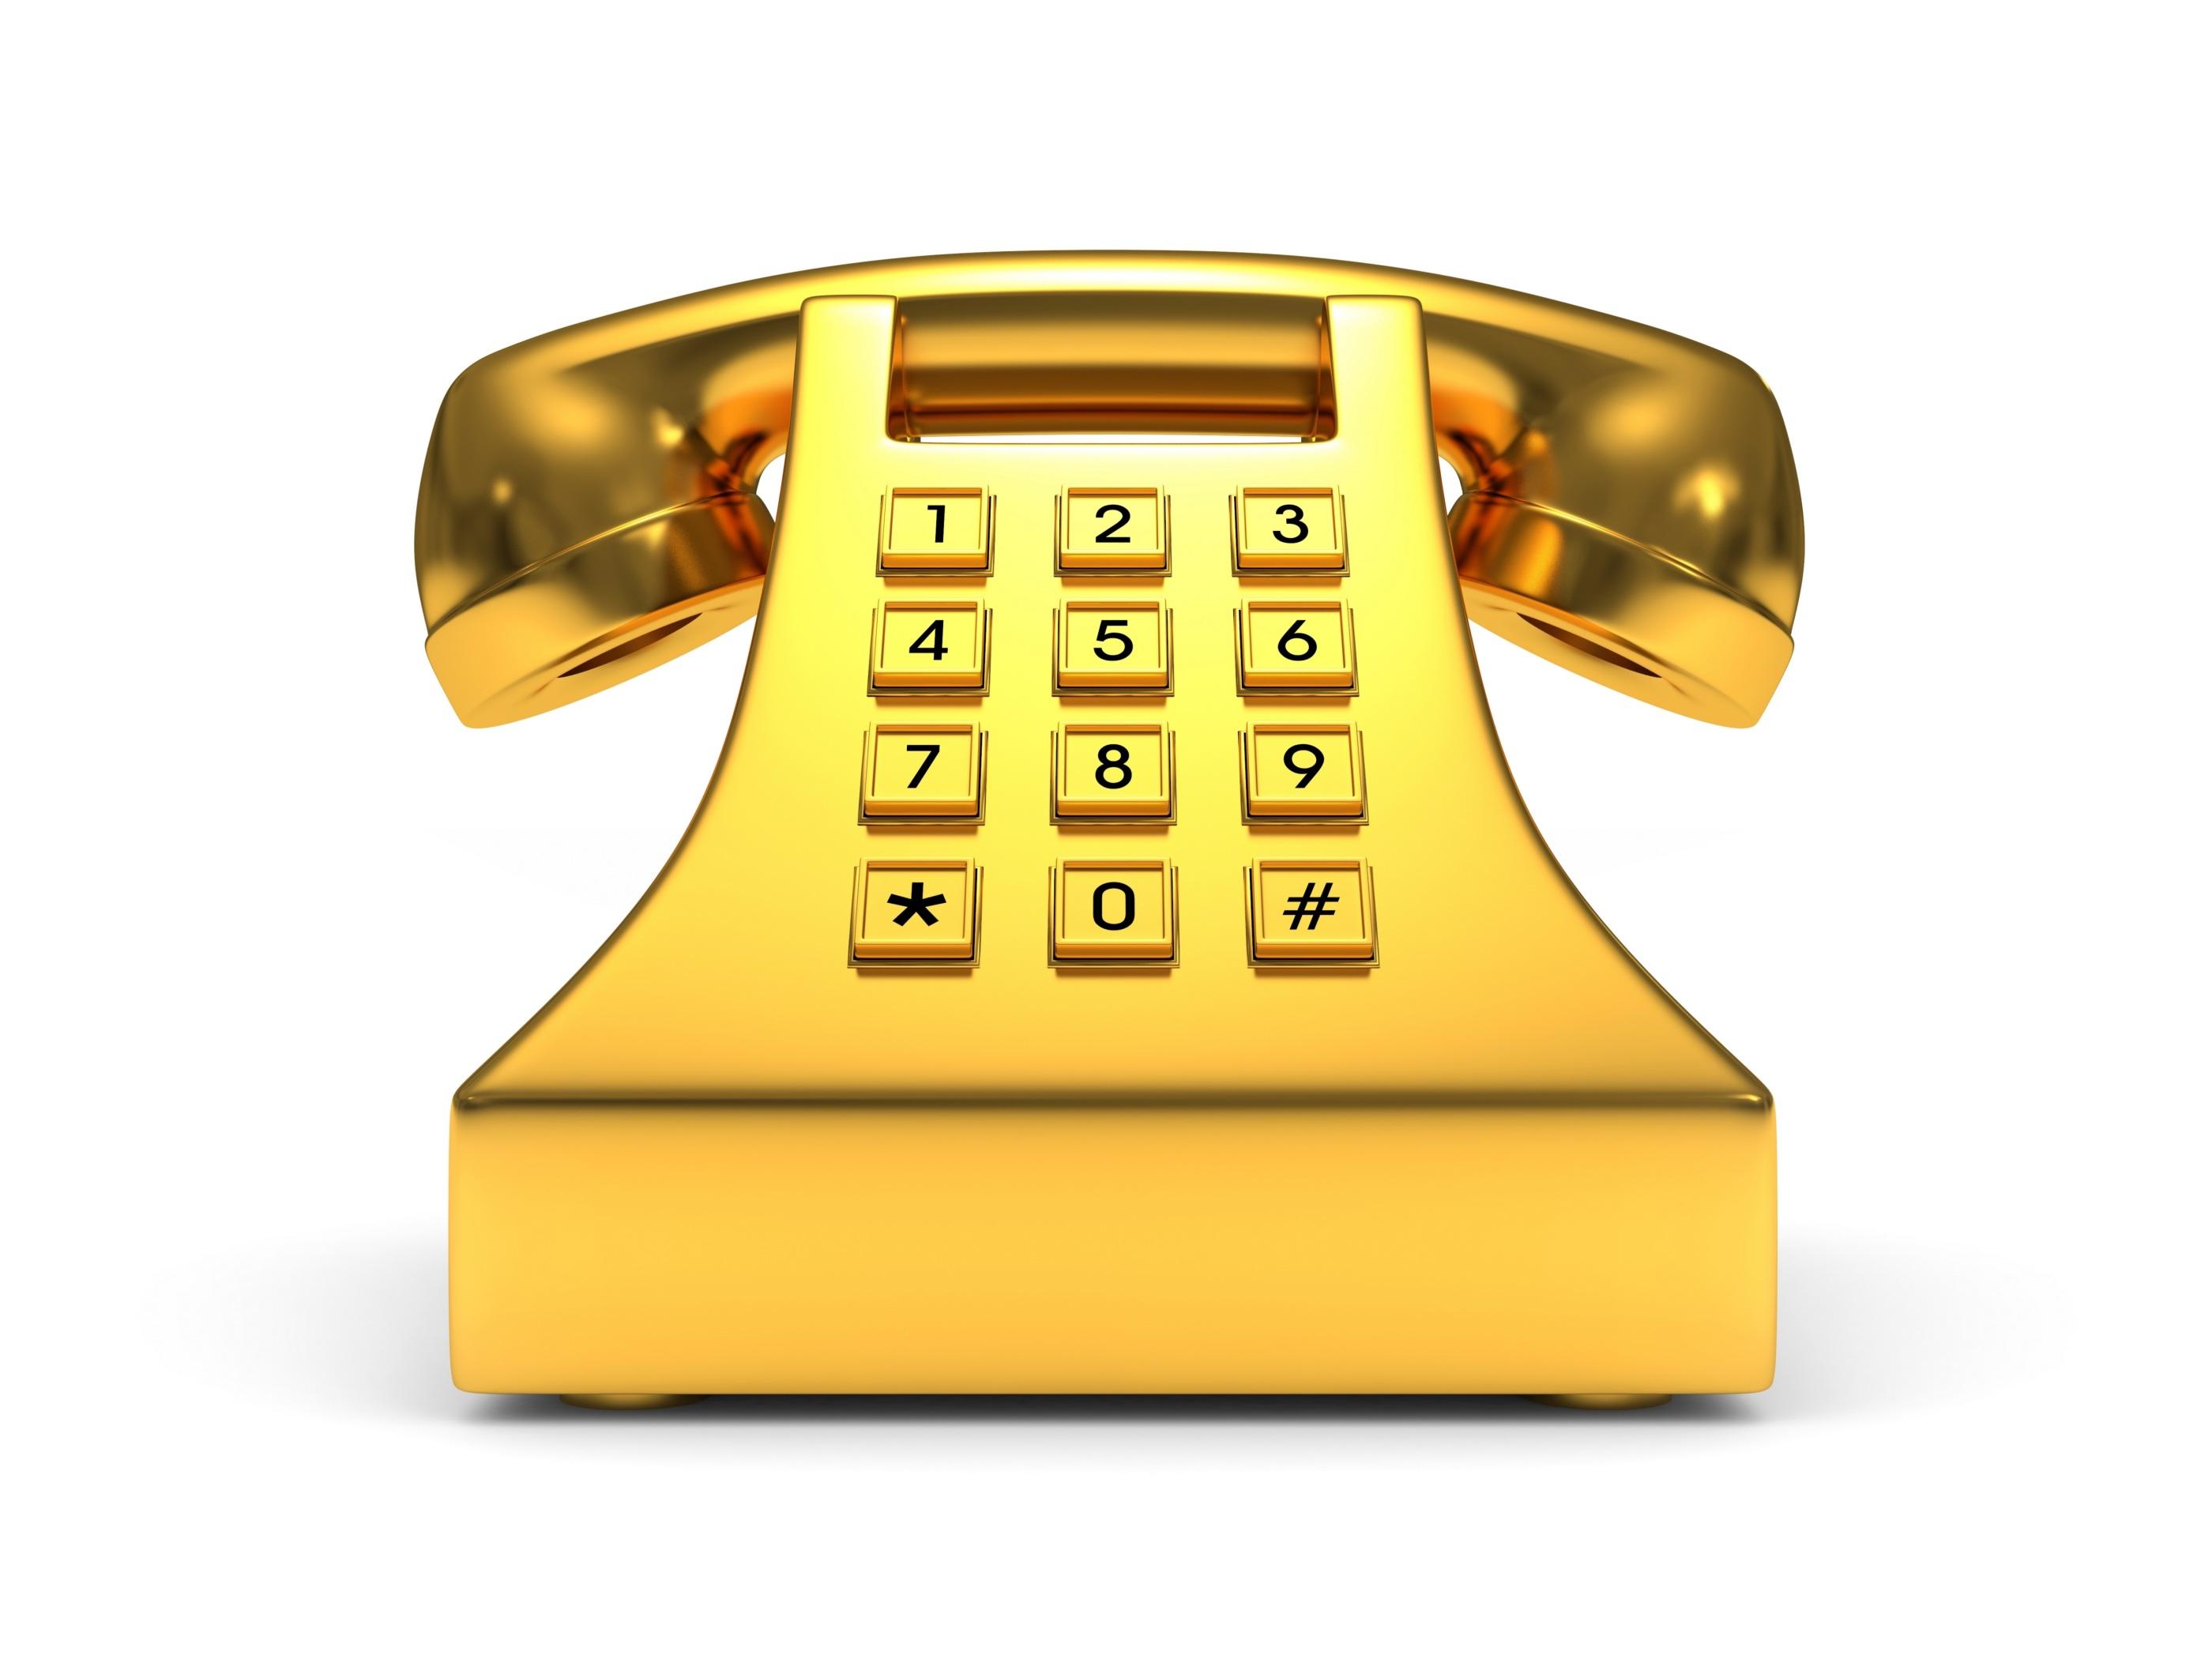 Gold Phone shutterstock_86205580